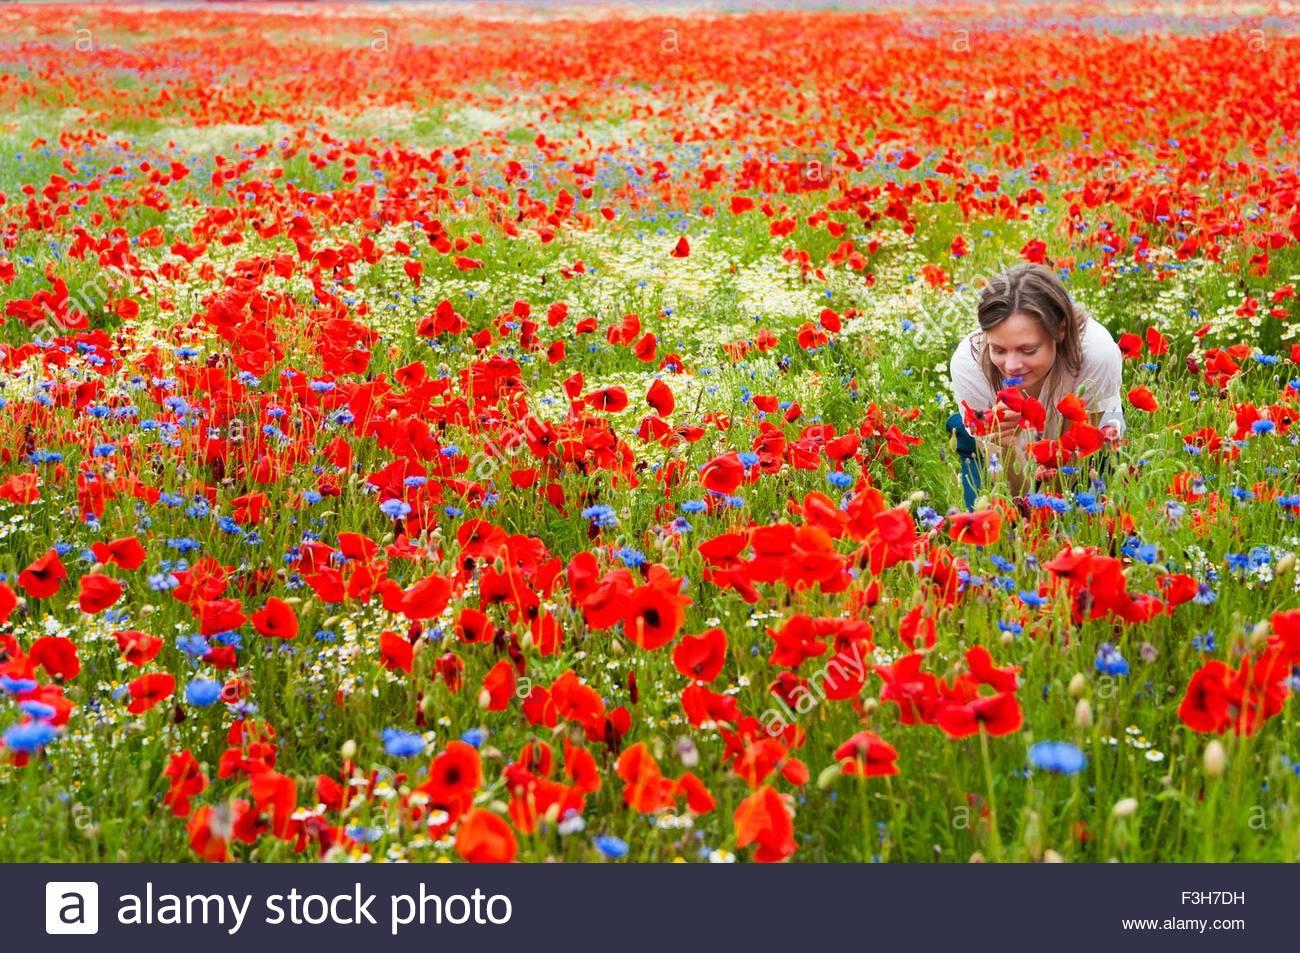 Metà donna adulta in campo di papavero, piegatura a sentire il profumo dei fiori Immagini Stock